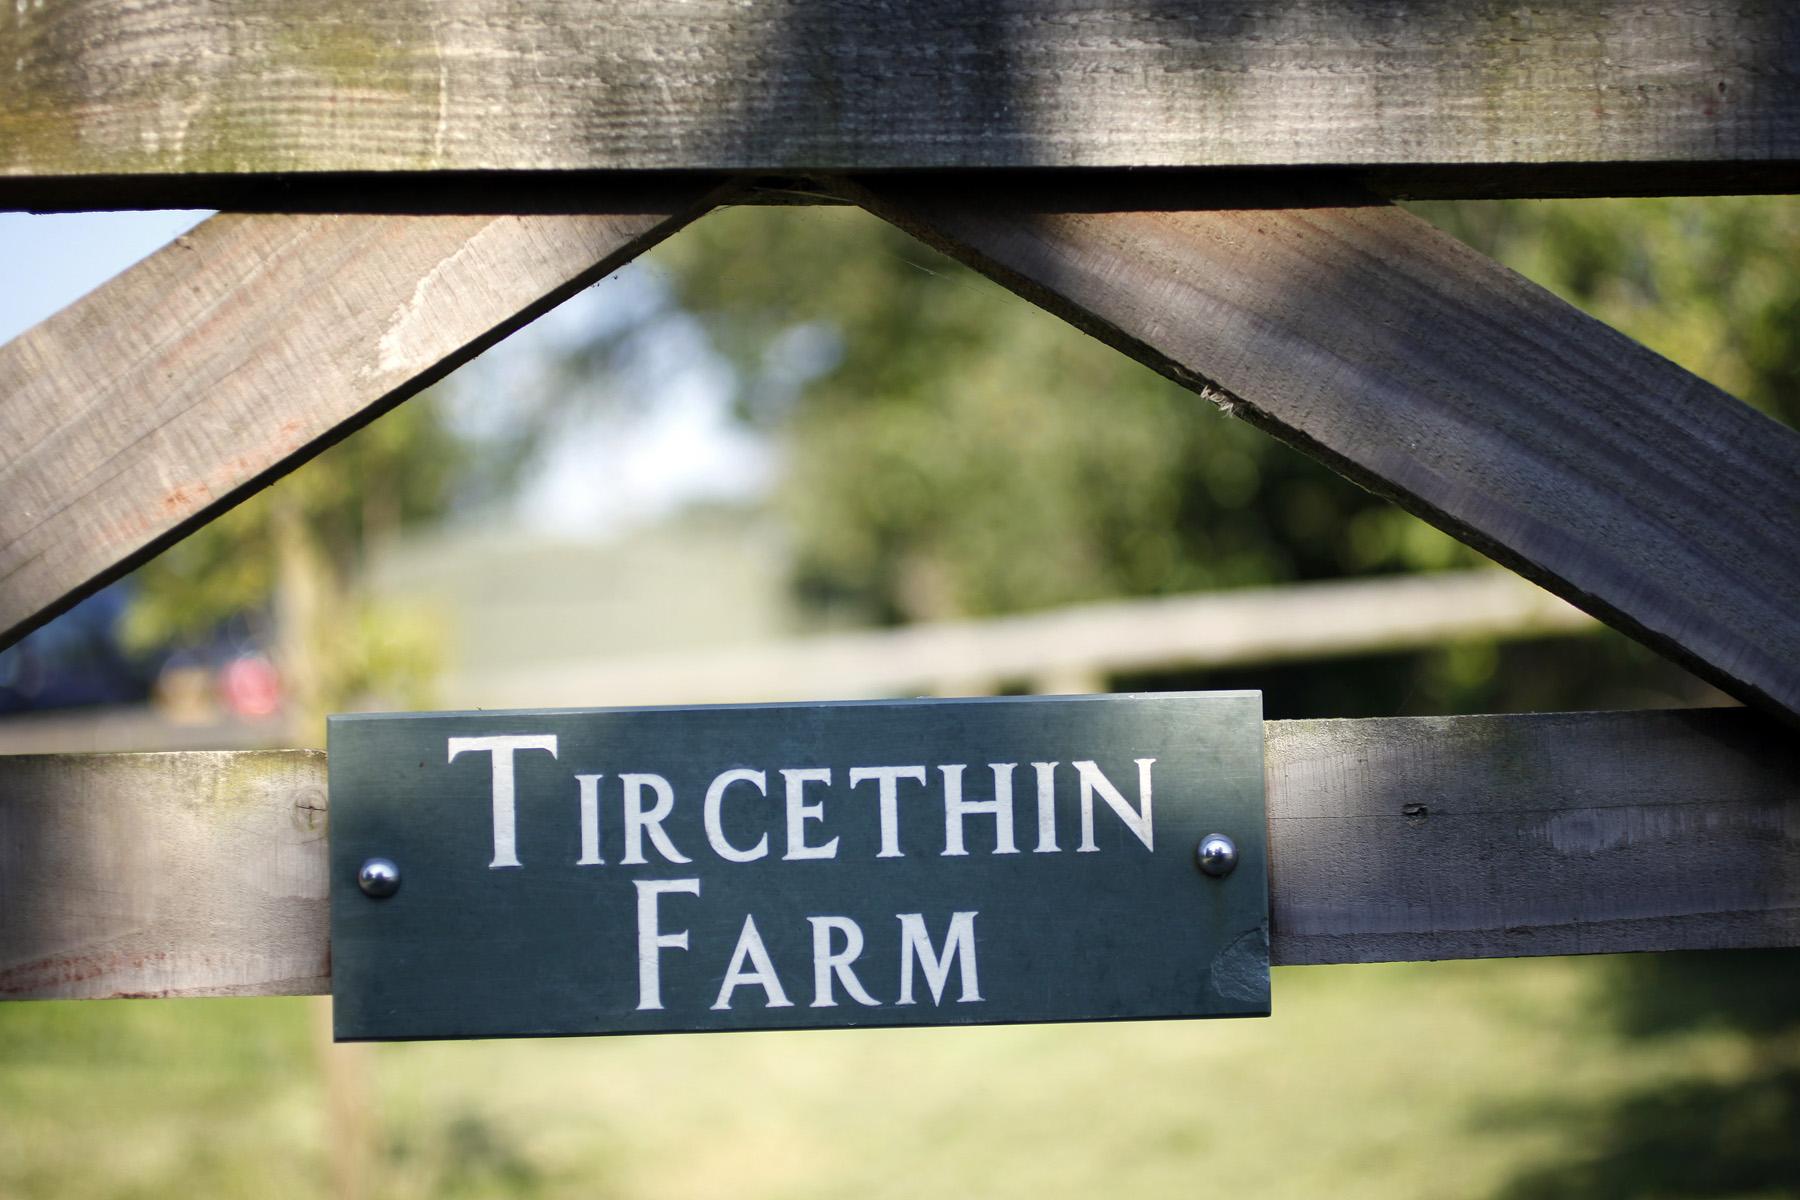 Tircethin